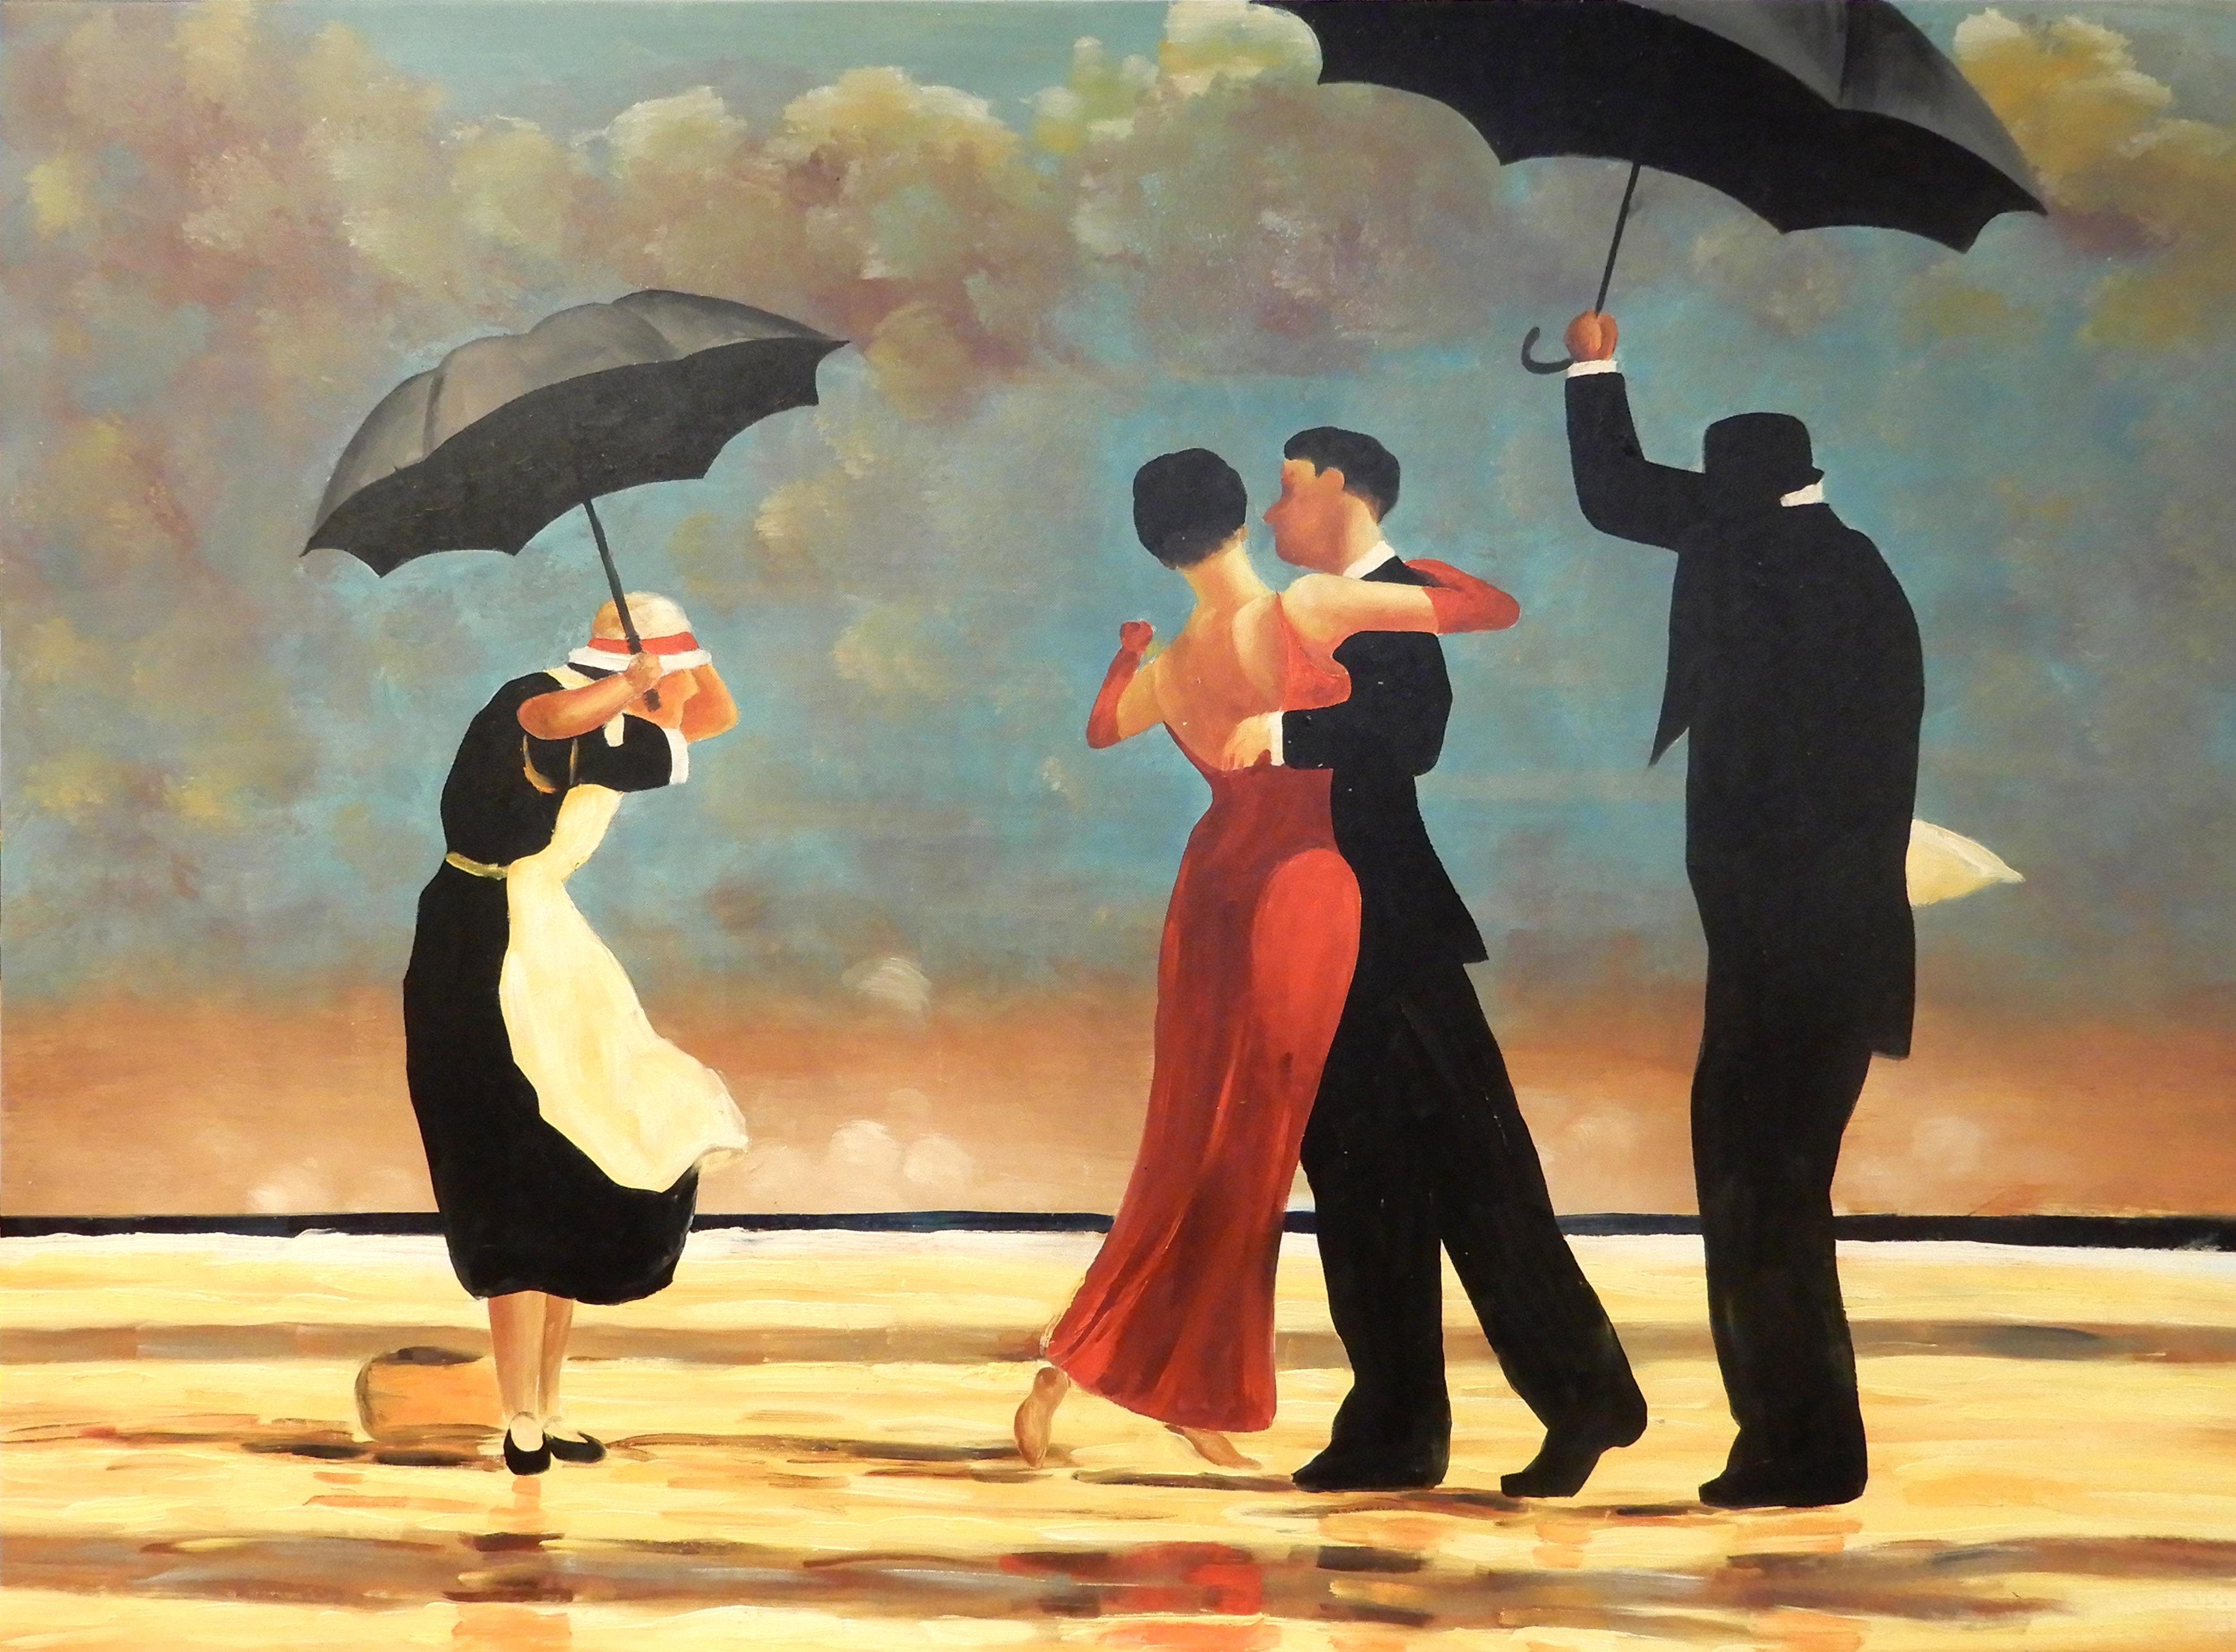 Shall we dance schilderij kunstwerk